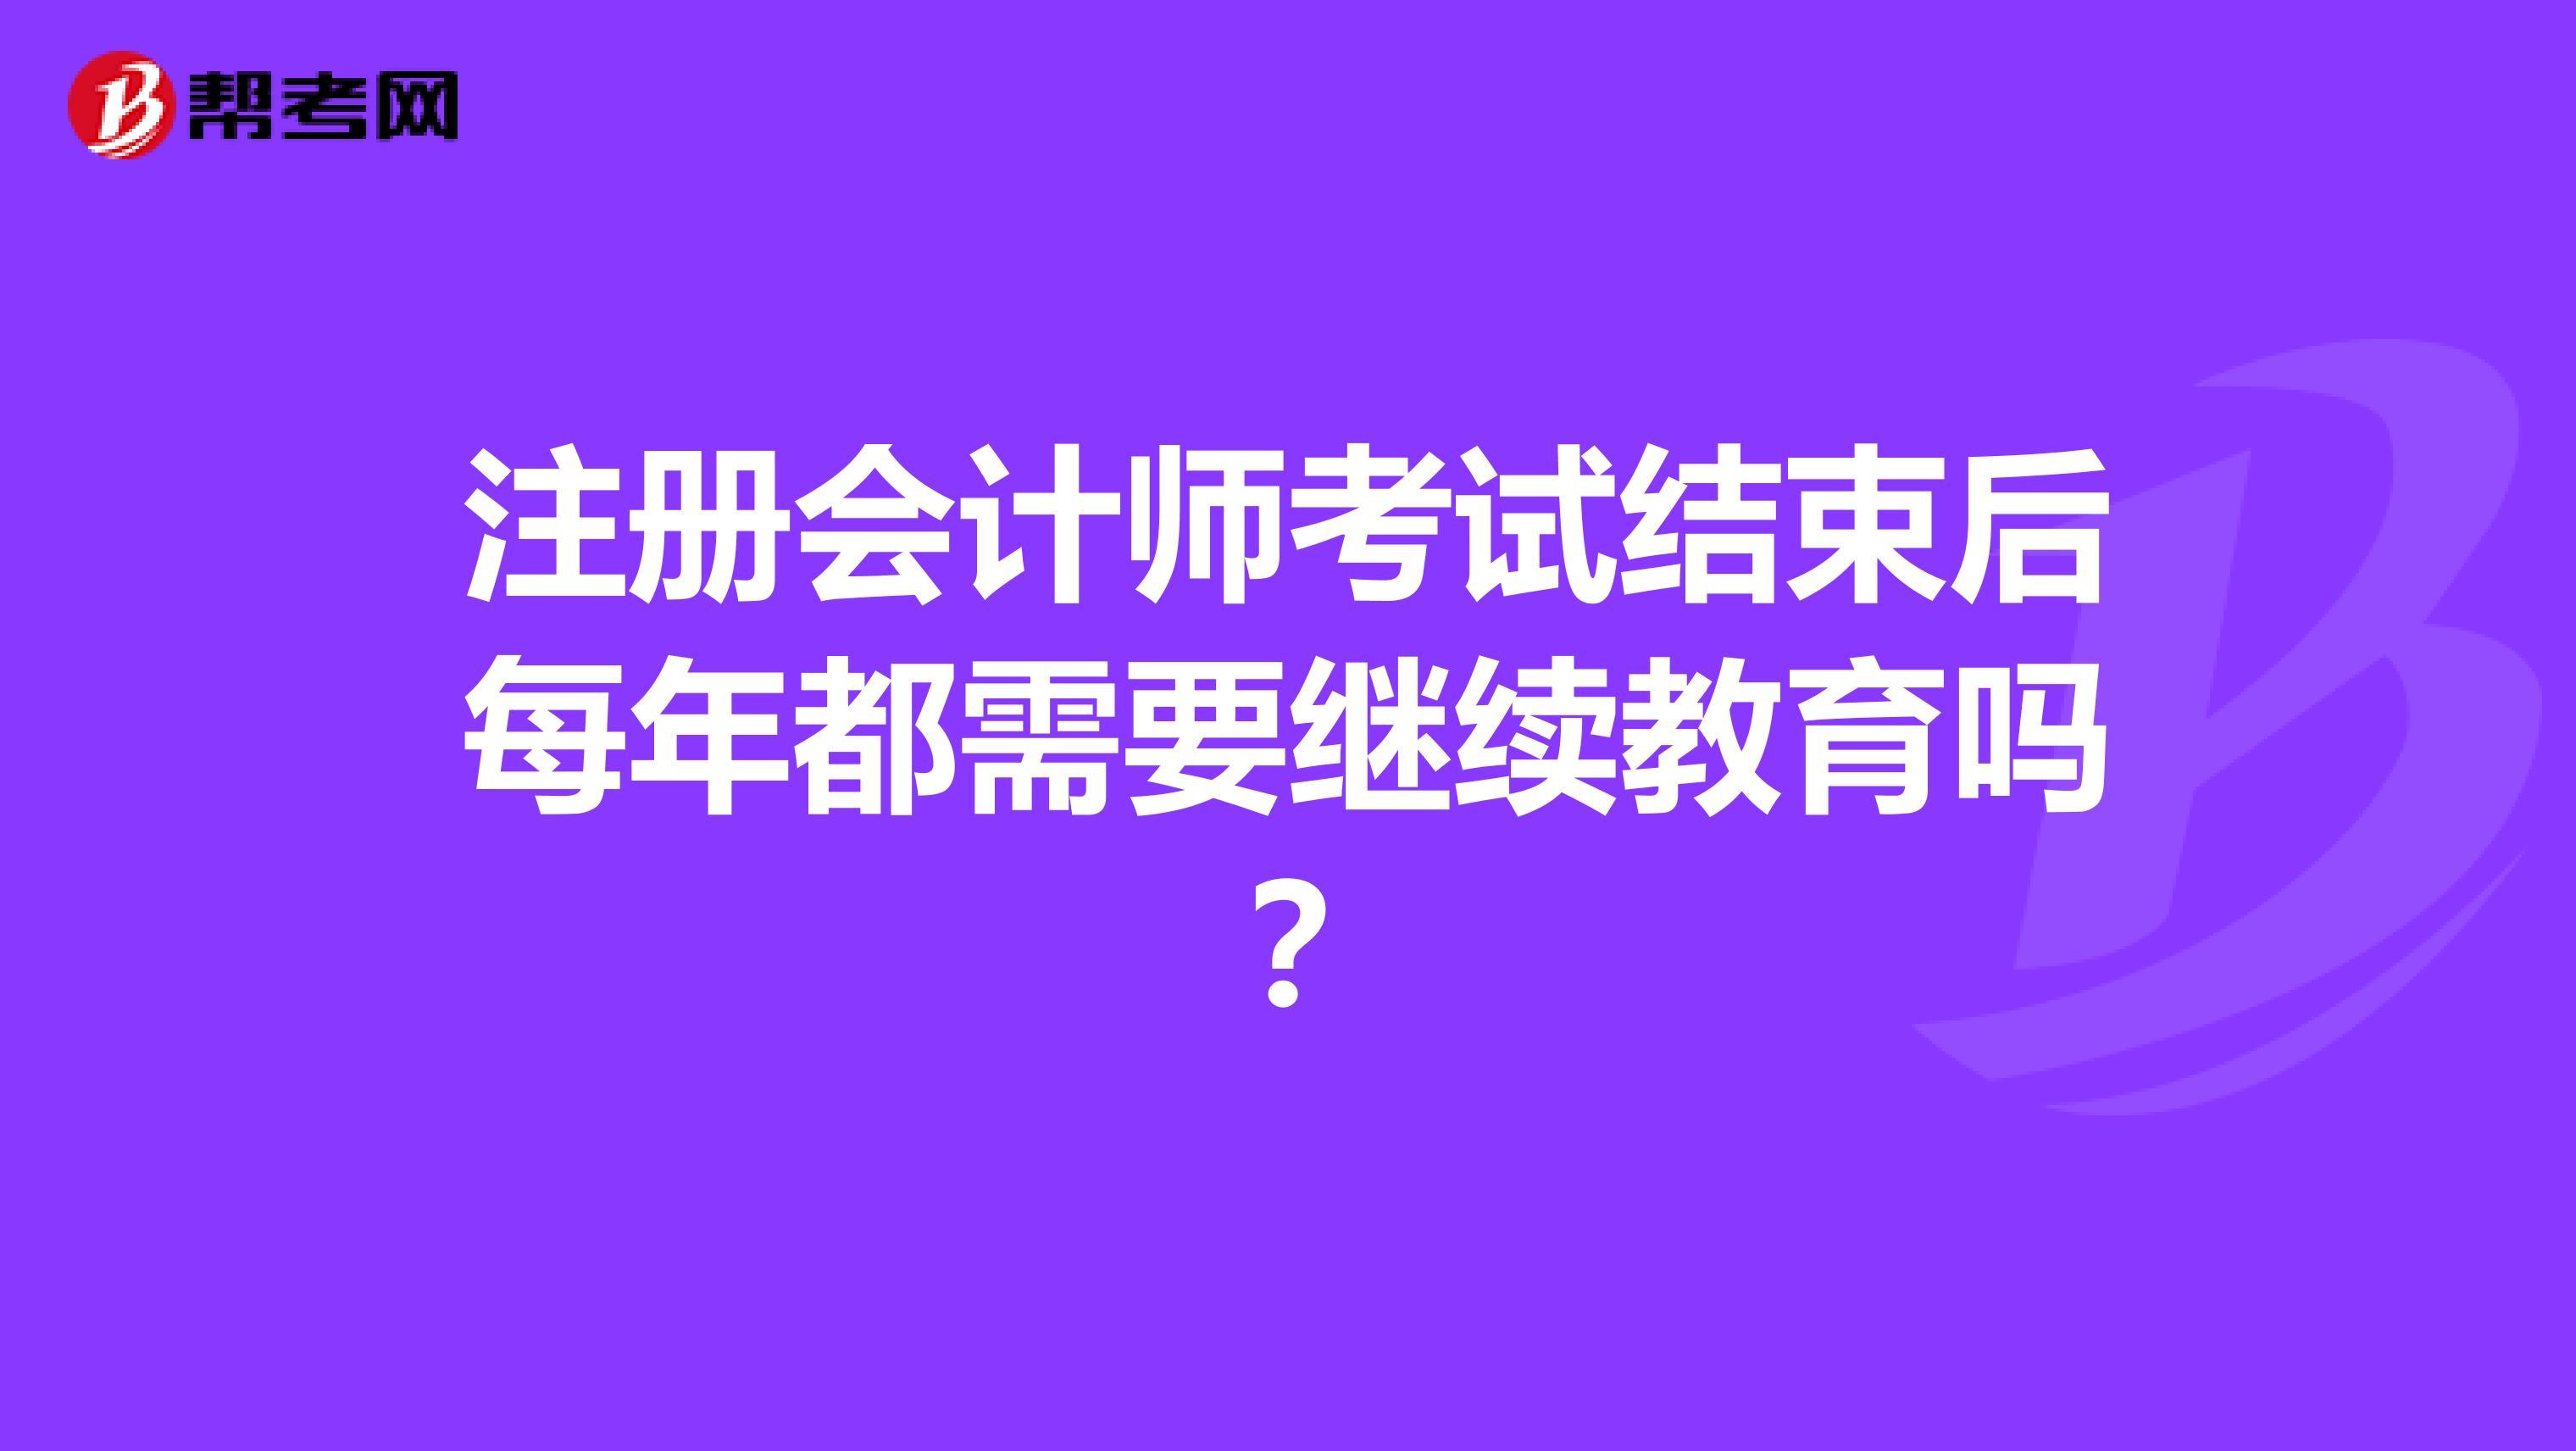 【hot88热竞技提款】注册会计师考试结束后每年都需要继续教育吗?